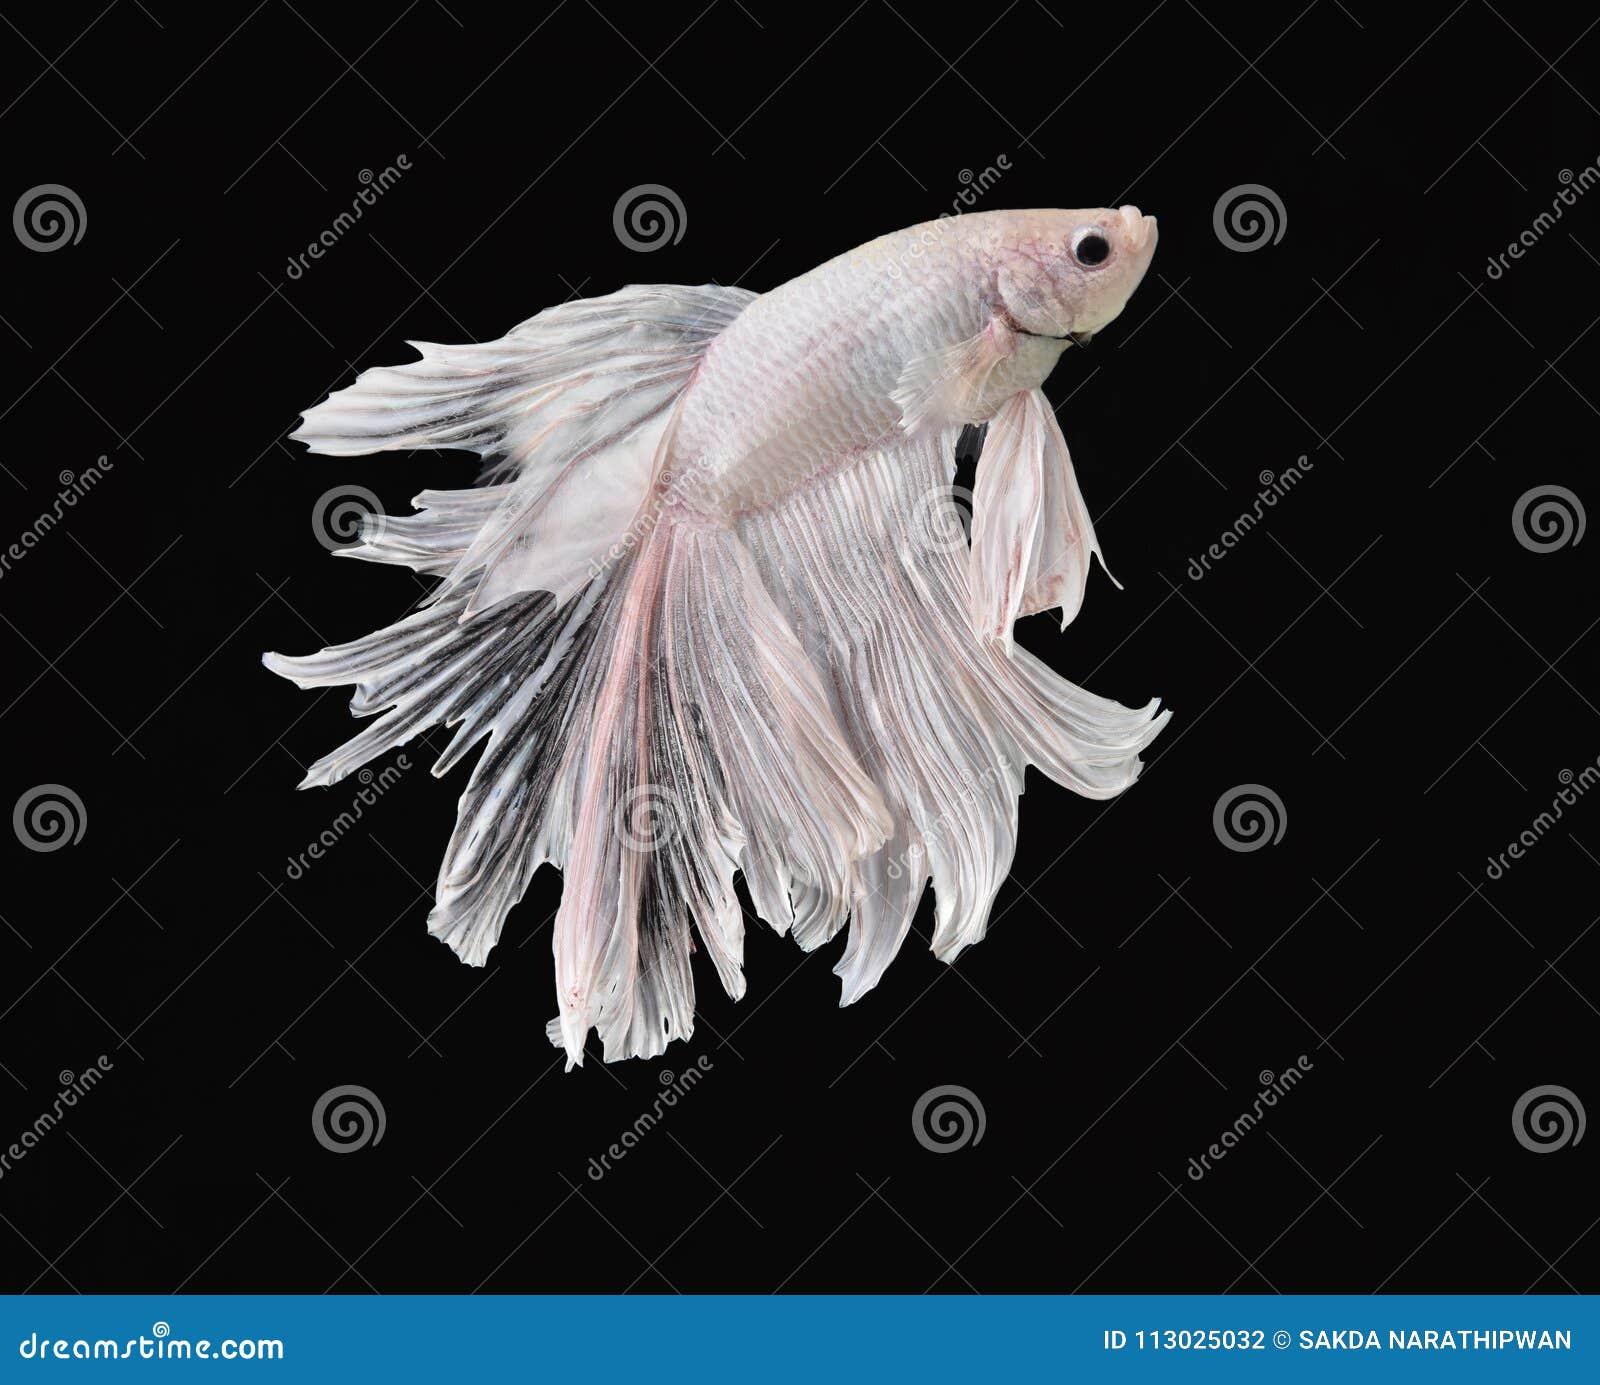 La belleza de pescados siameses en acuario con el fondo negro